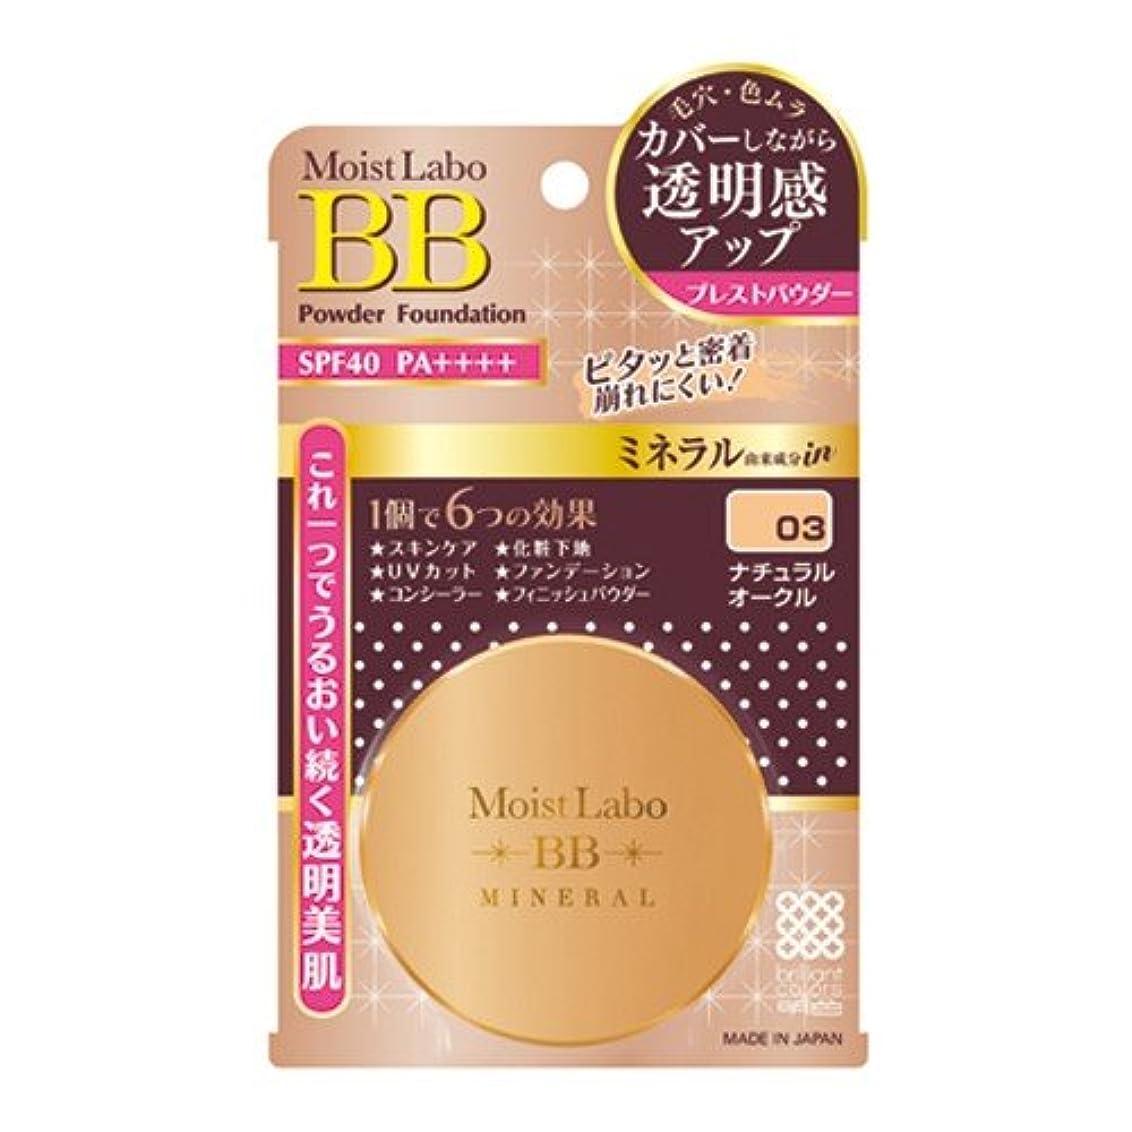 国家棚揃えるモイストラボBBミネラルプレストパウダー <ナチュラルオークル> (日本製) SPF40 PA++++